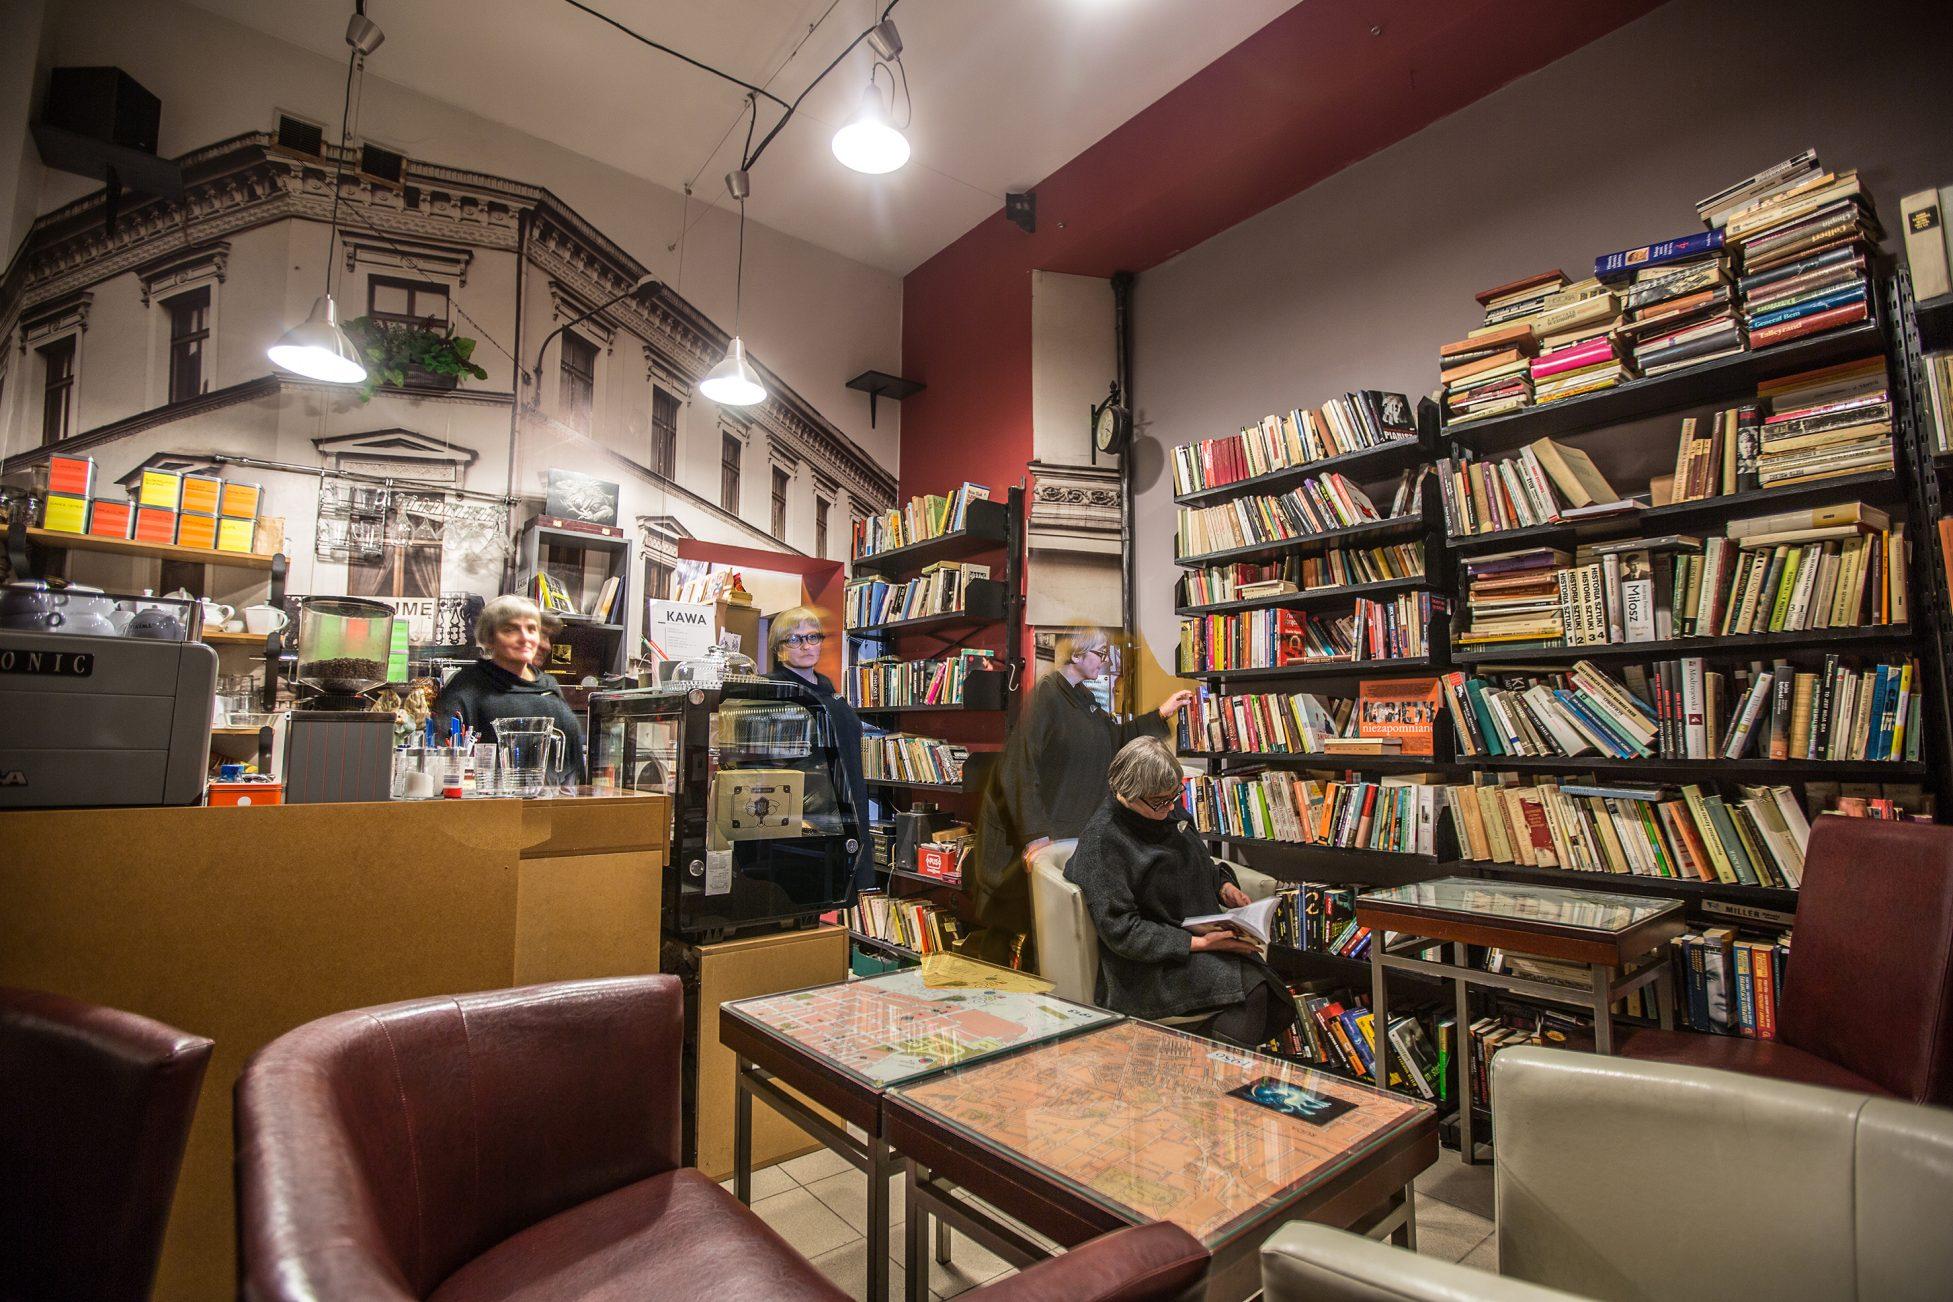 Kawiarnio-księgarnia Cafe Litera. Fot. Łukasz Klimczak